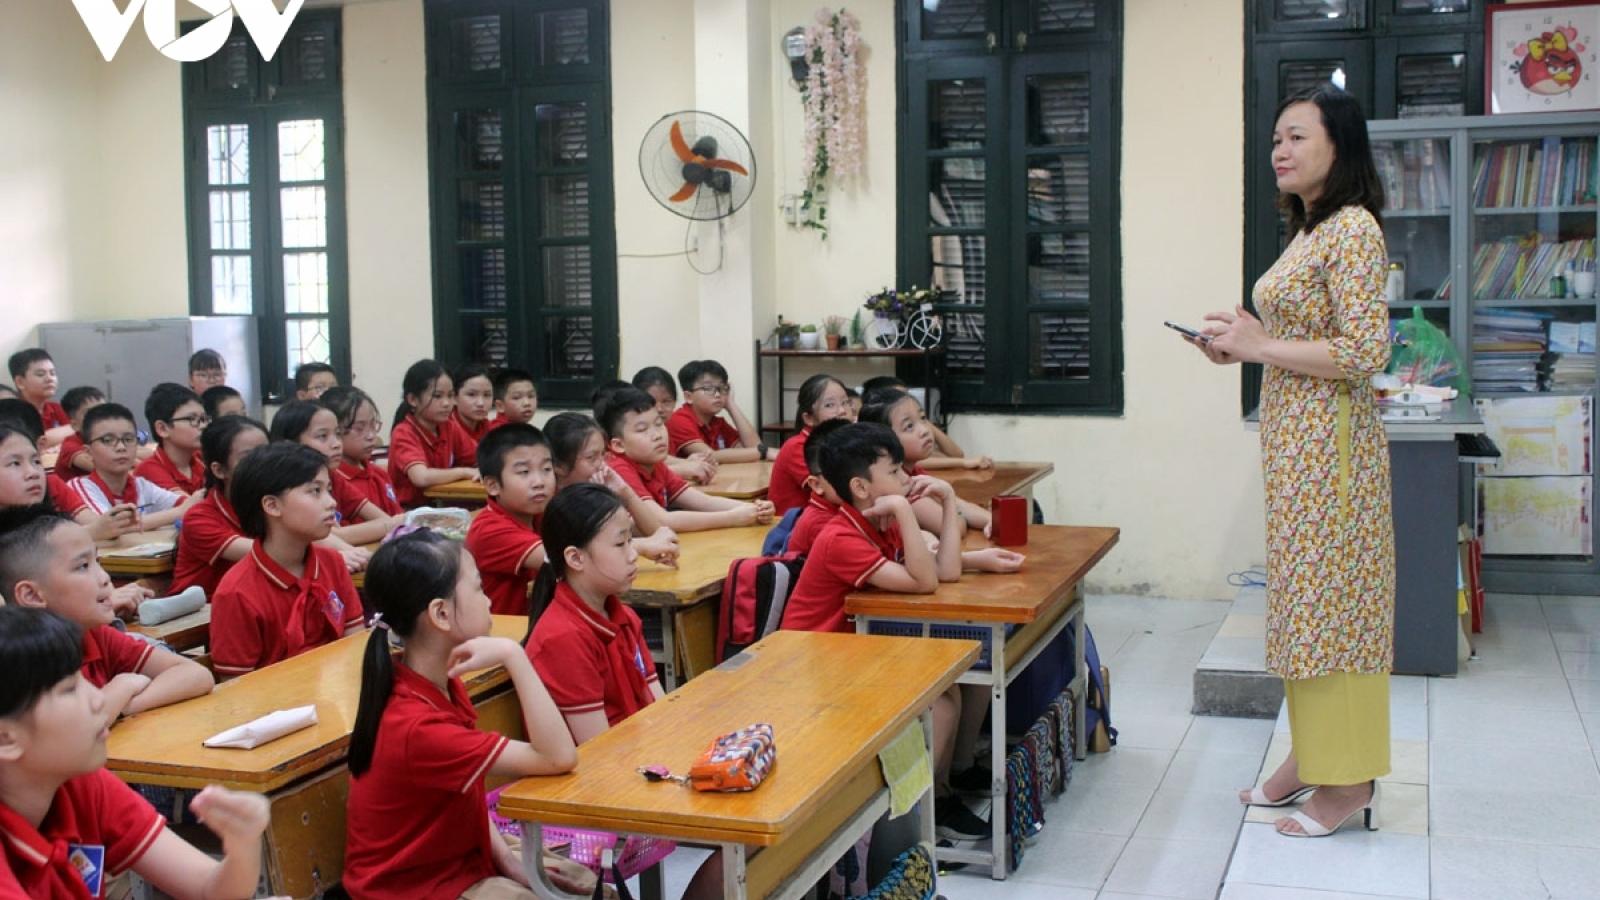 Cách giúp trẻ quản lý thời gian hiệu quả